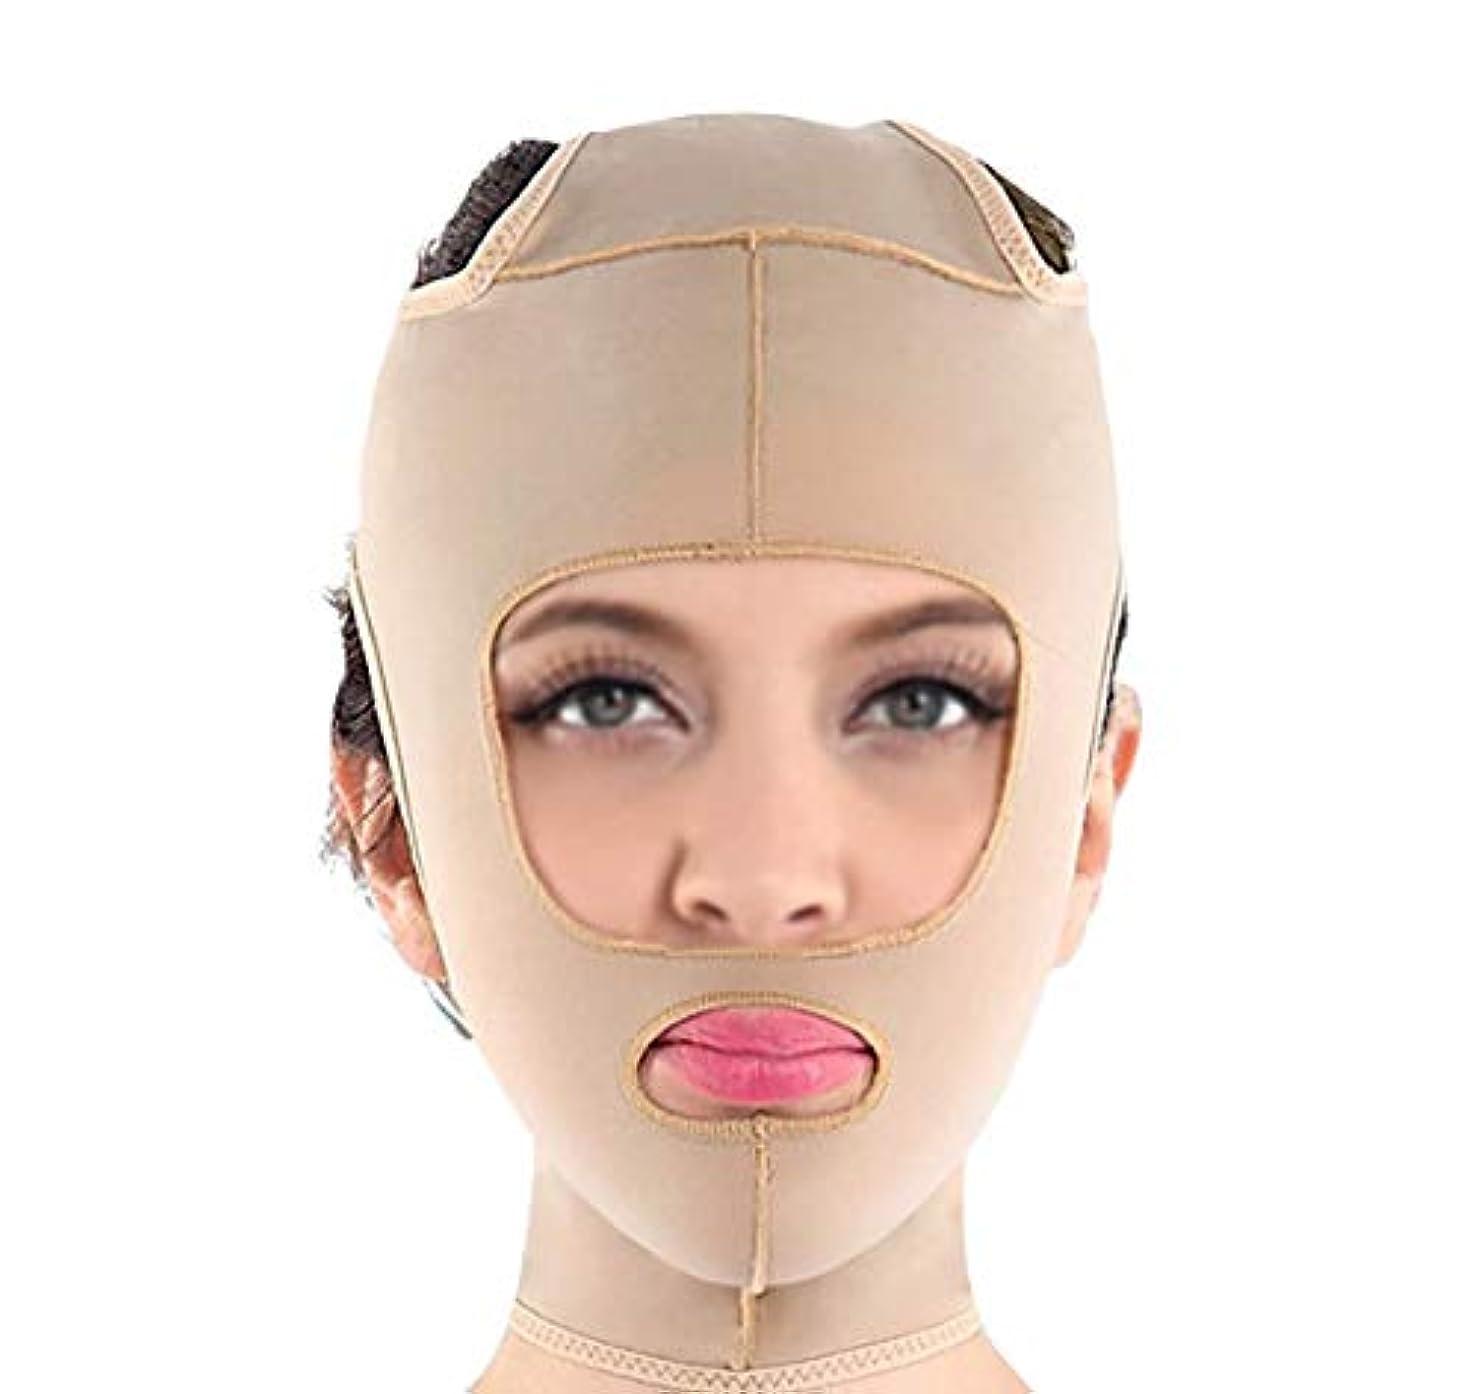 忠実な開いた破壊するフェイスリフティングマスクで肌をしっかりと保ち、顔の筋肉の垂れ下がりや顔の美しい輪郭の整形を防止します(サイズ:Xl),Xl